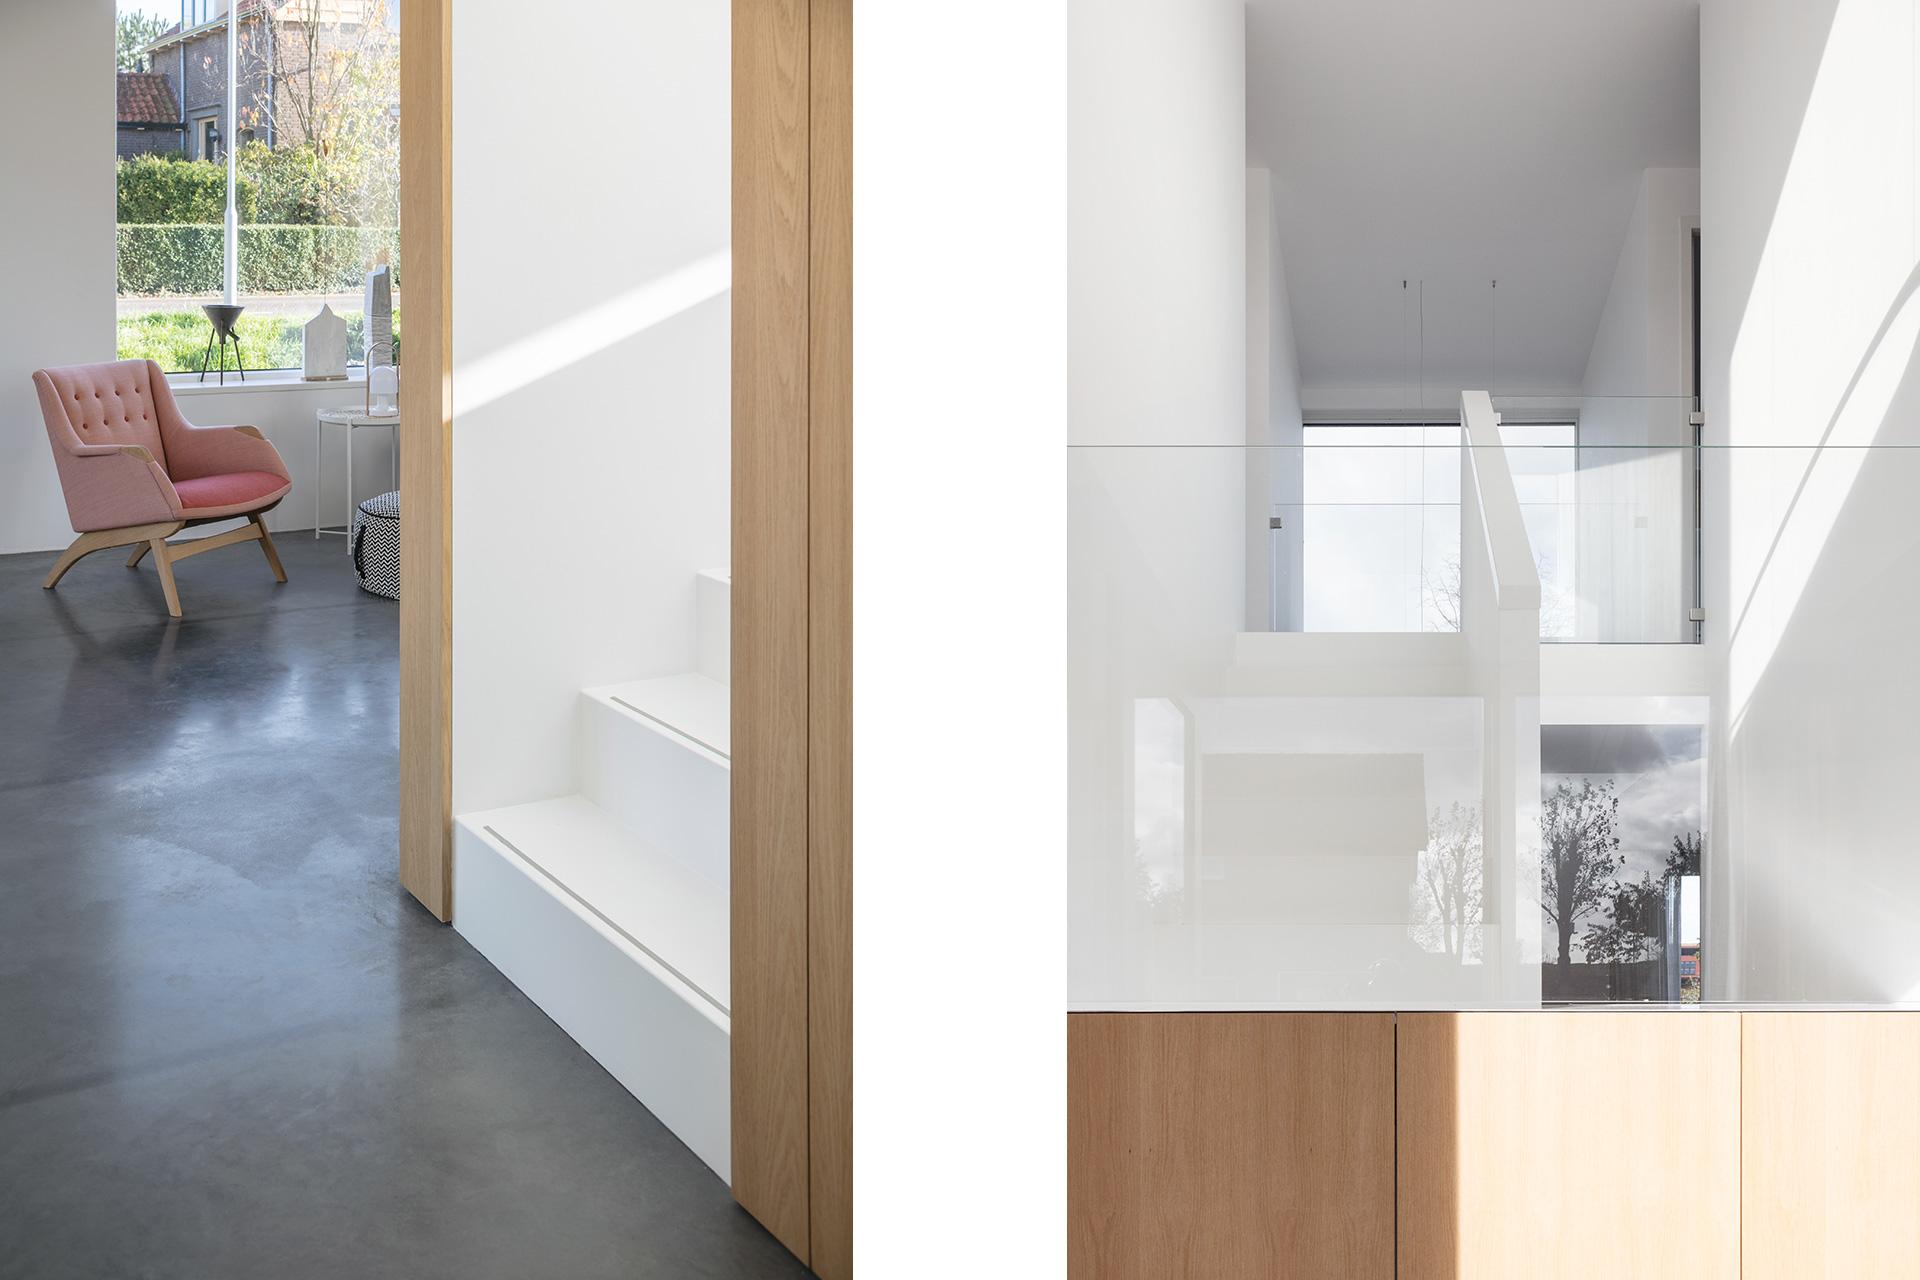 SP2017-Woonhuis-Lent-Architectuurfoto7